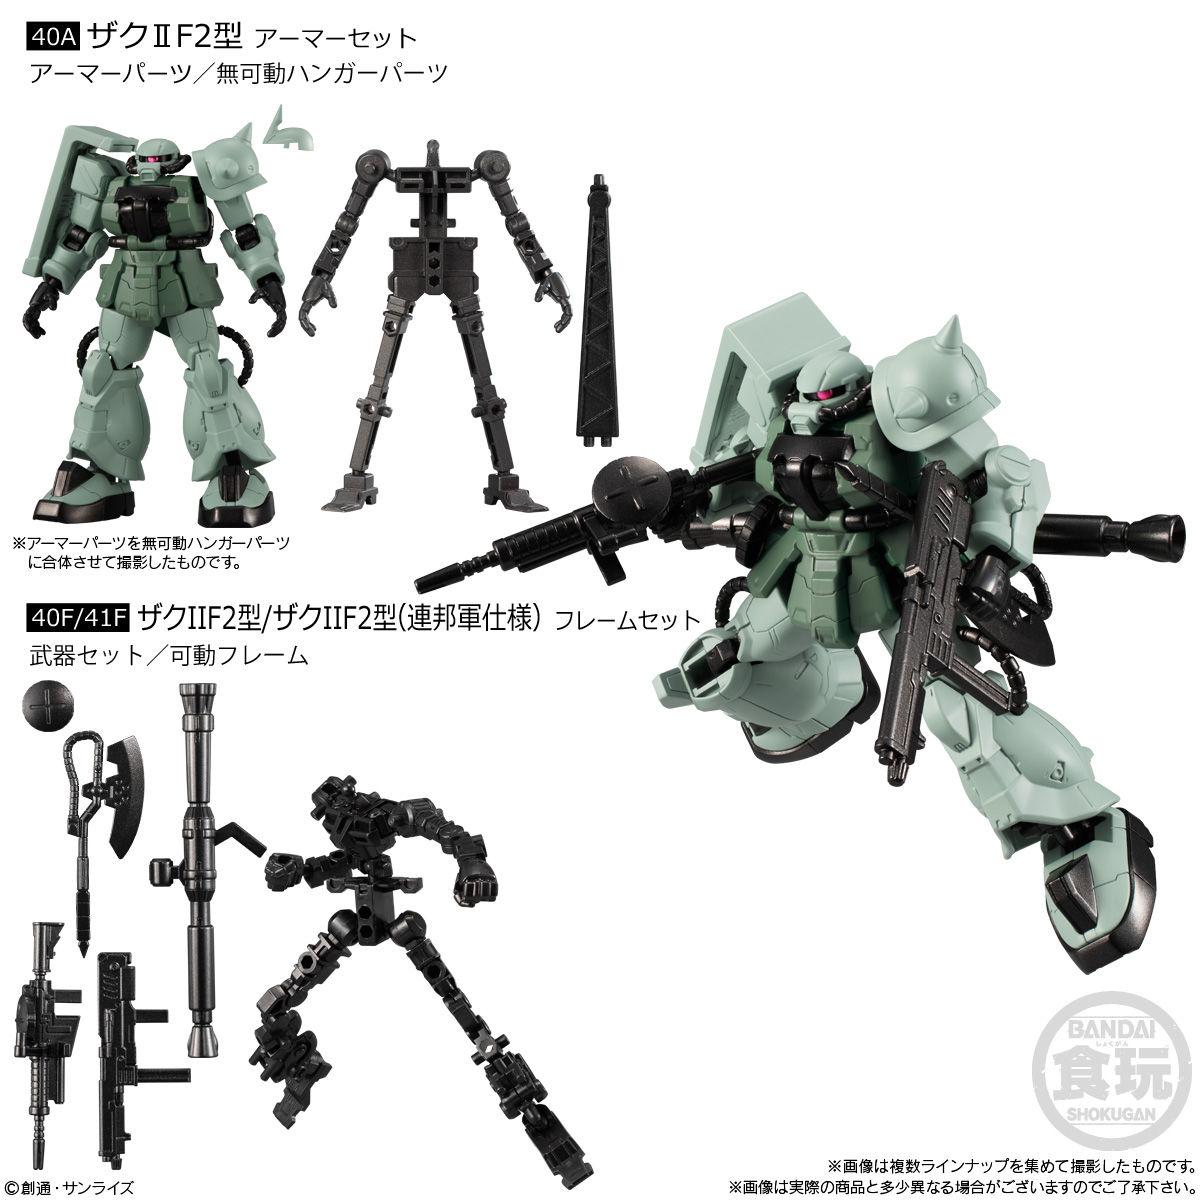 機動戦士ガンダム Gフレーム EX03 パーフェクトストライクガンダム&スカイグラスパー_3